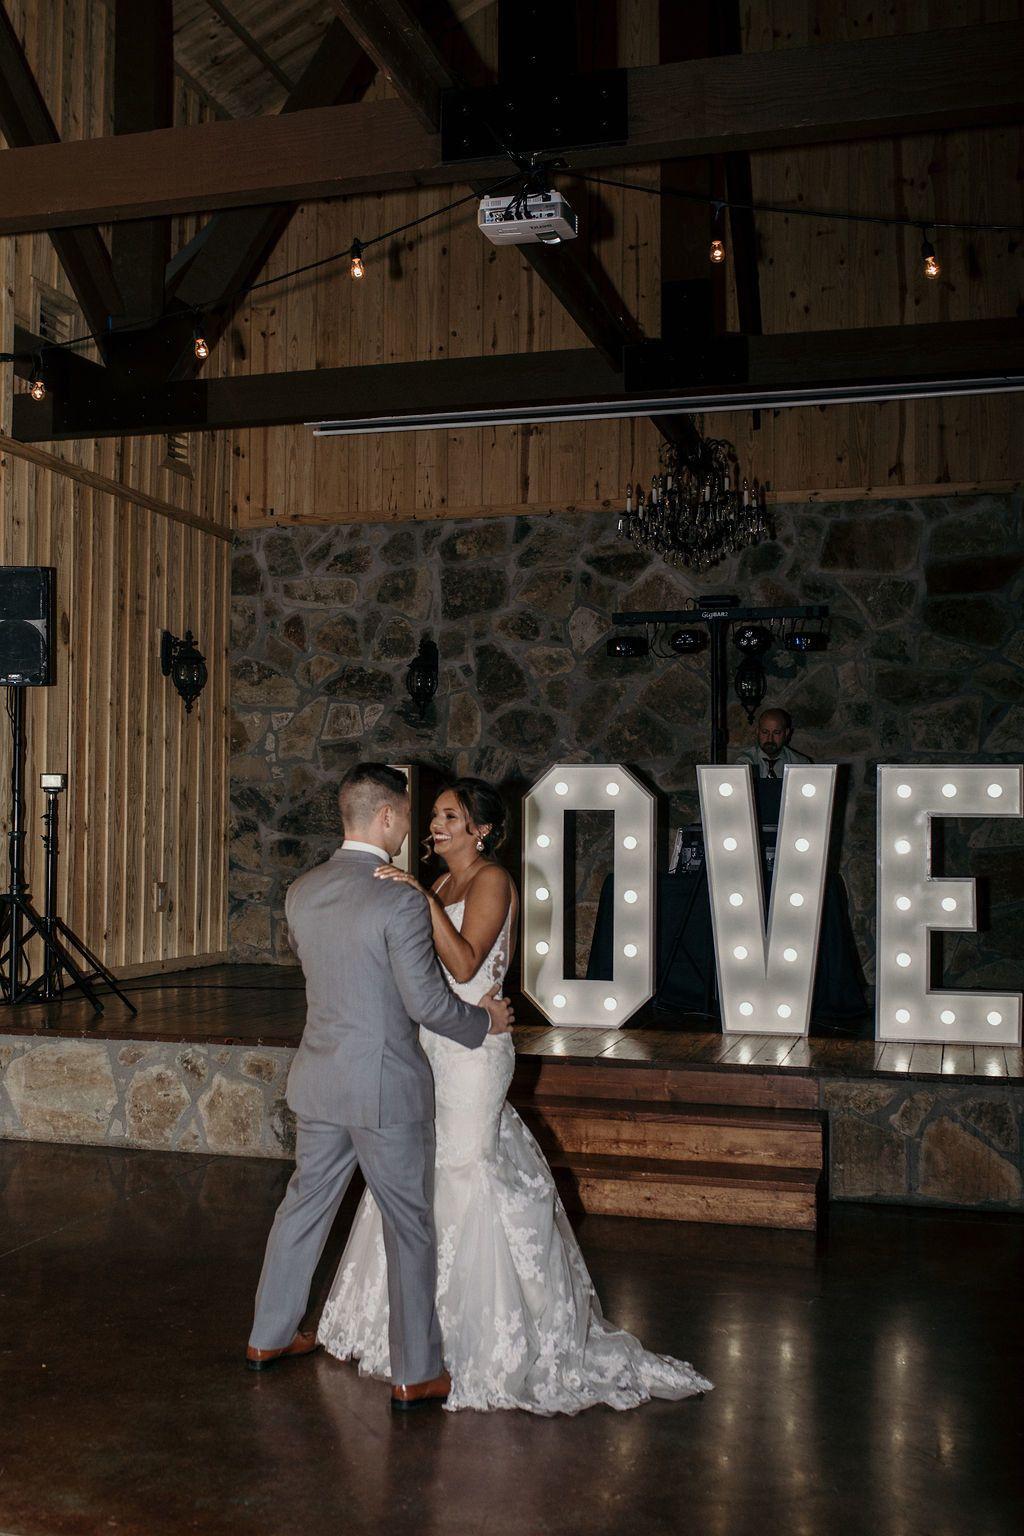 Tarp Chapel Tulsa Wedding And Event Venue Bed And Breakfast Tulsa Wedding Venues Oklahoma Wedding Venues Glass Chapel